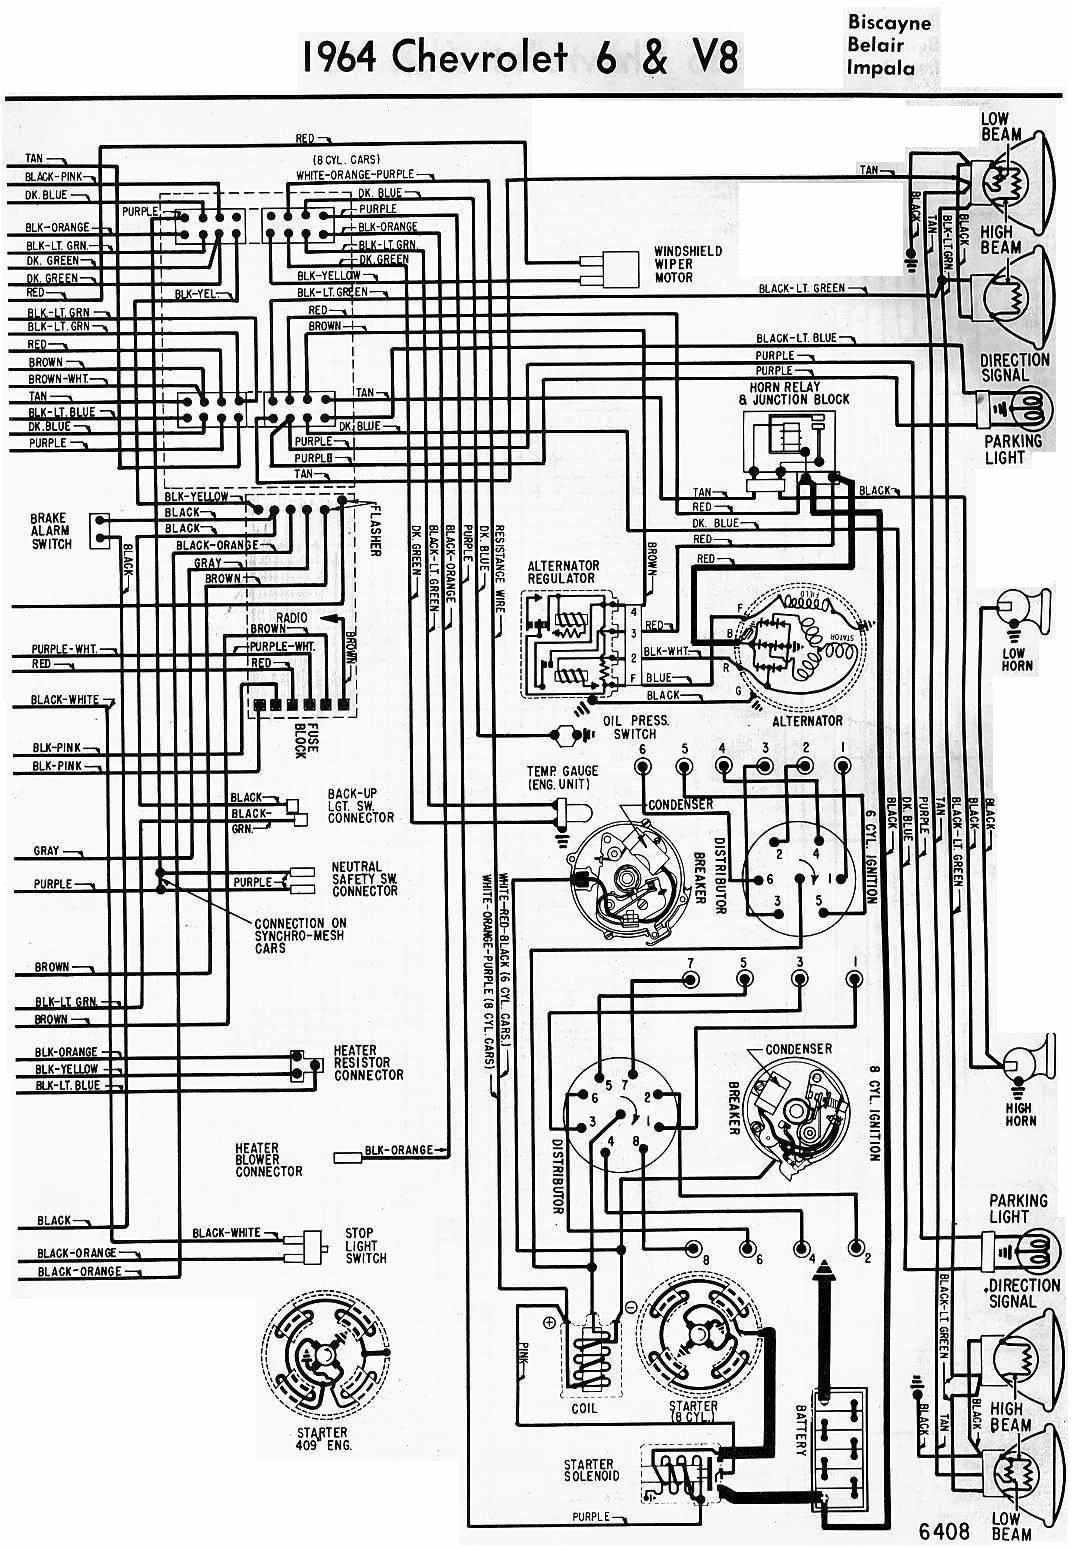 Awesome 389 Peterbilt Wiring Schematics Photos - Wiring Diagram ...